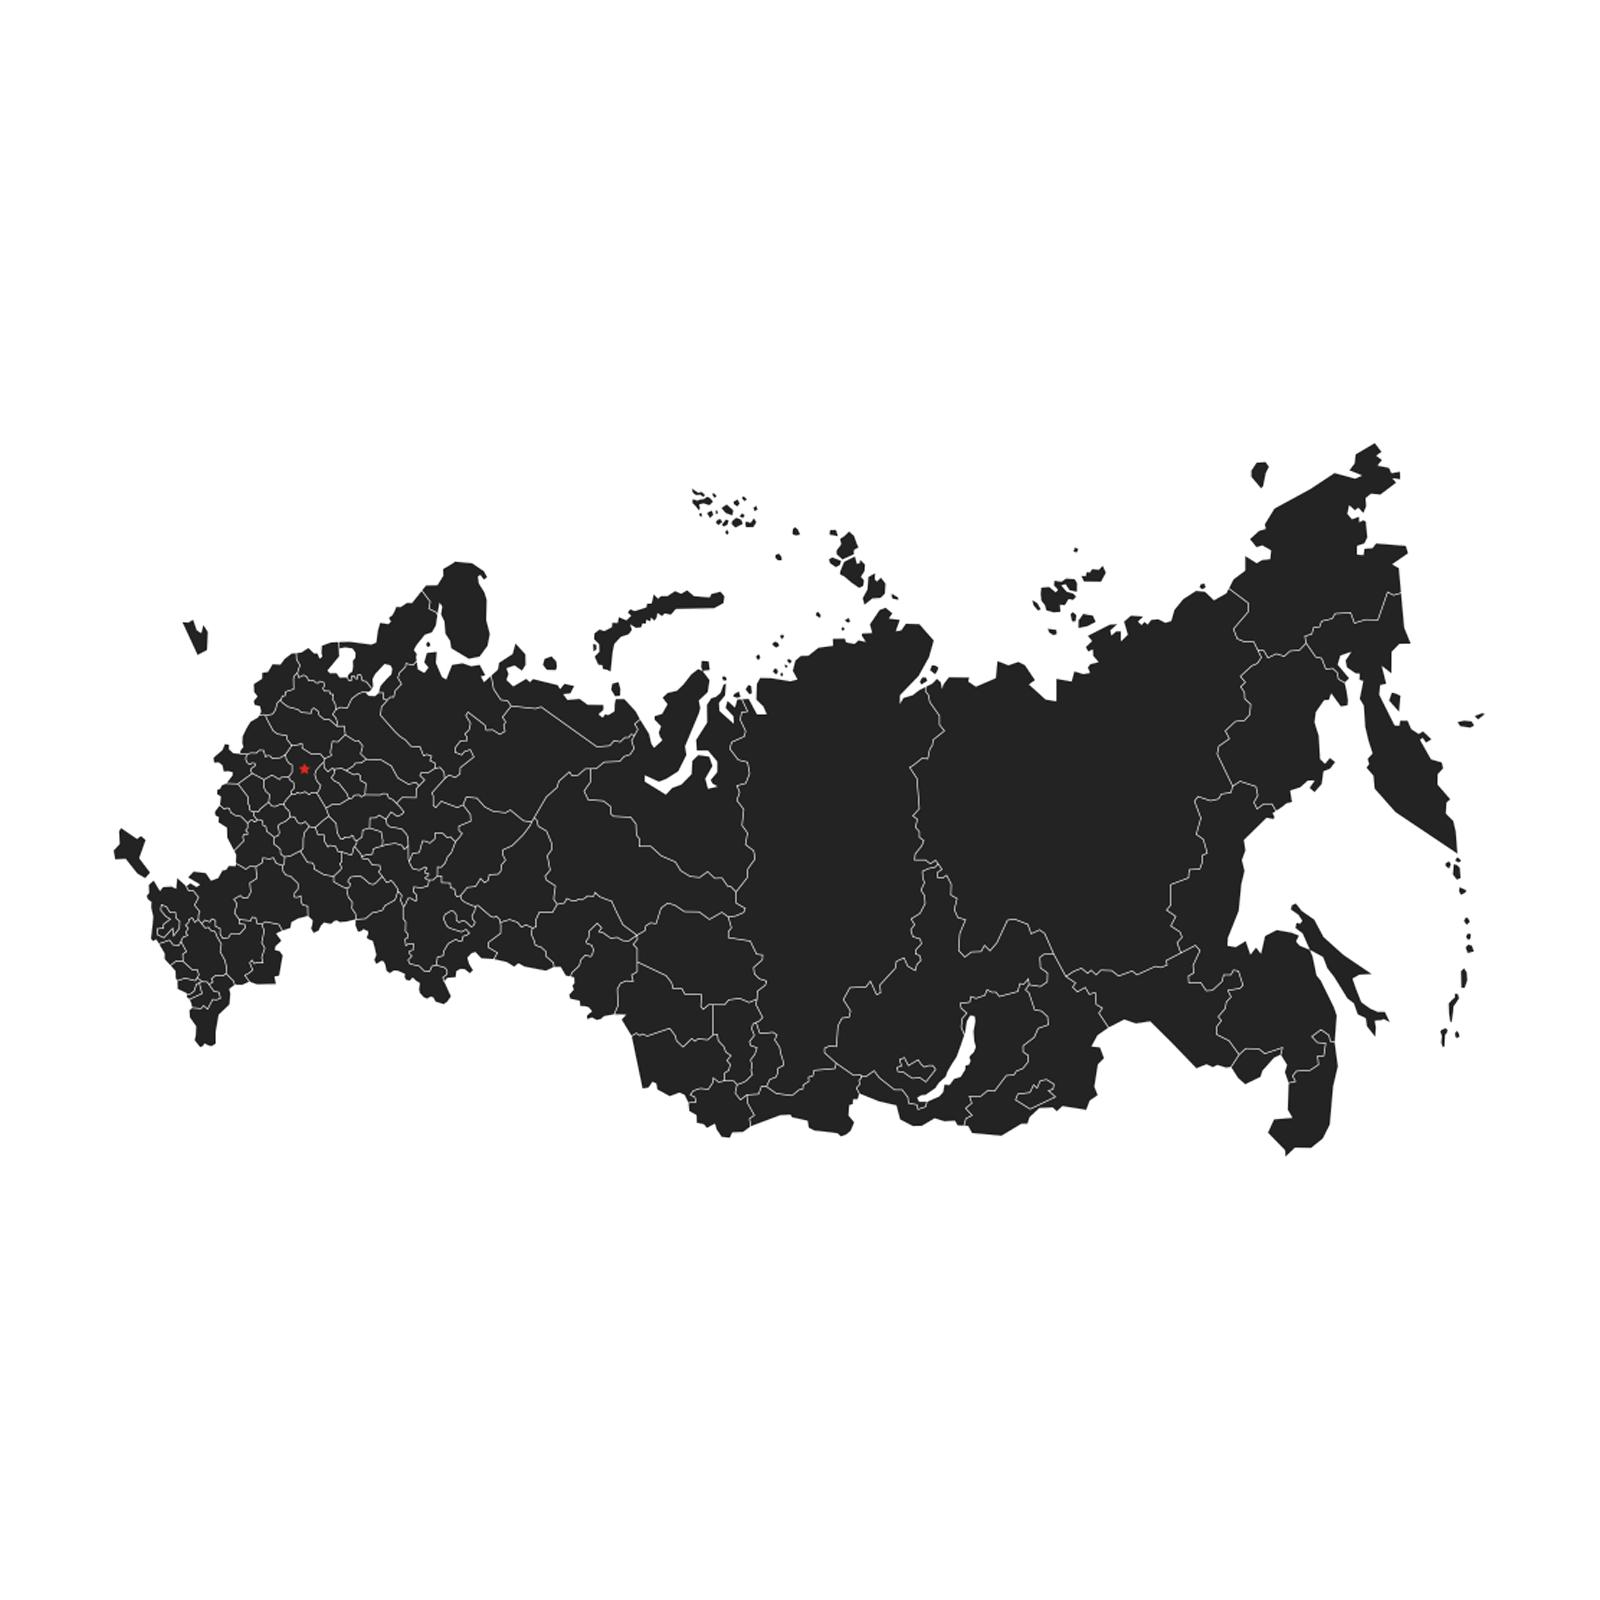 Всероссийские конкурсы образовательного центра ПедагогиУм.